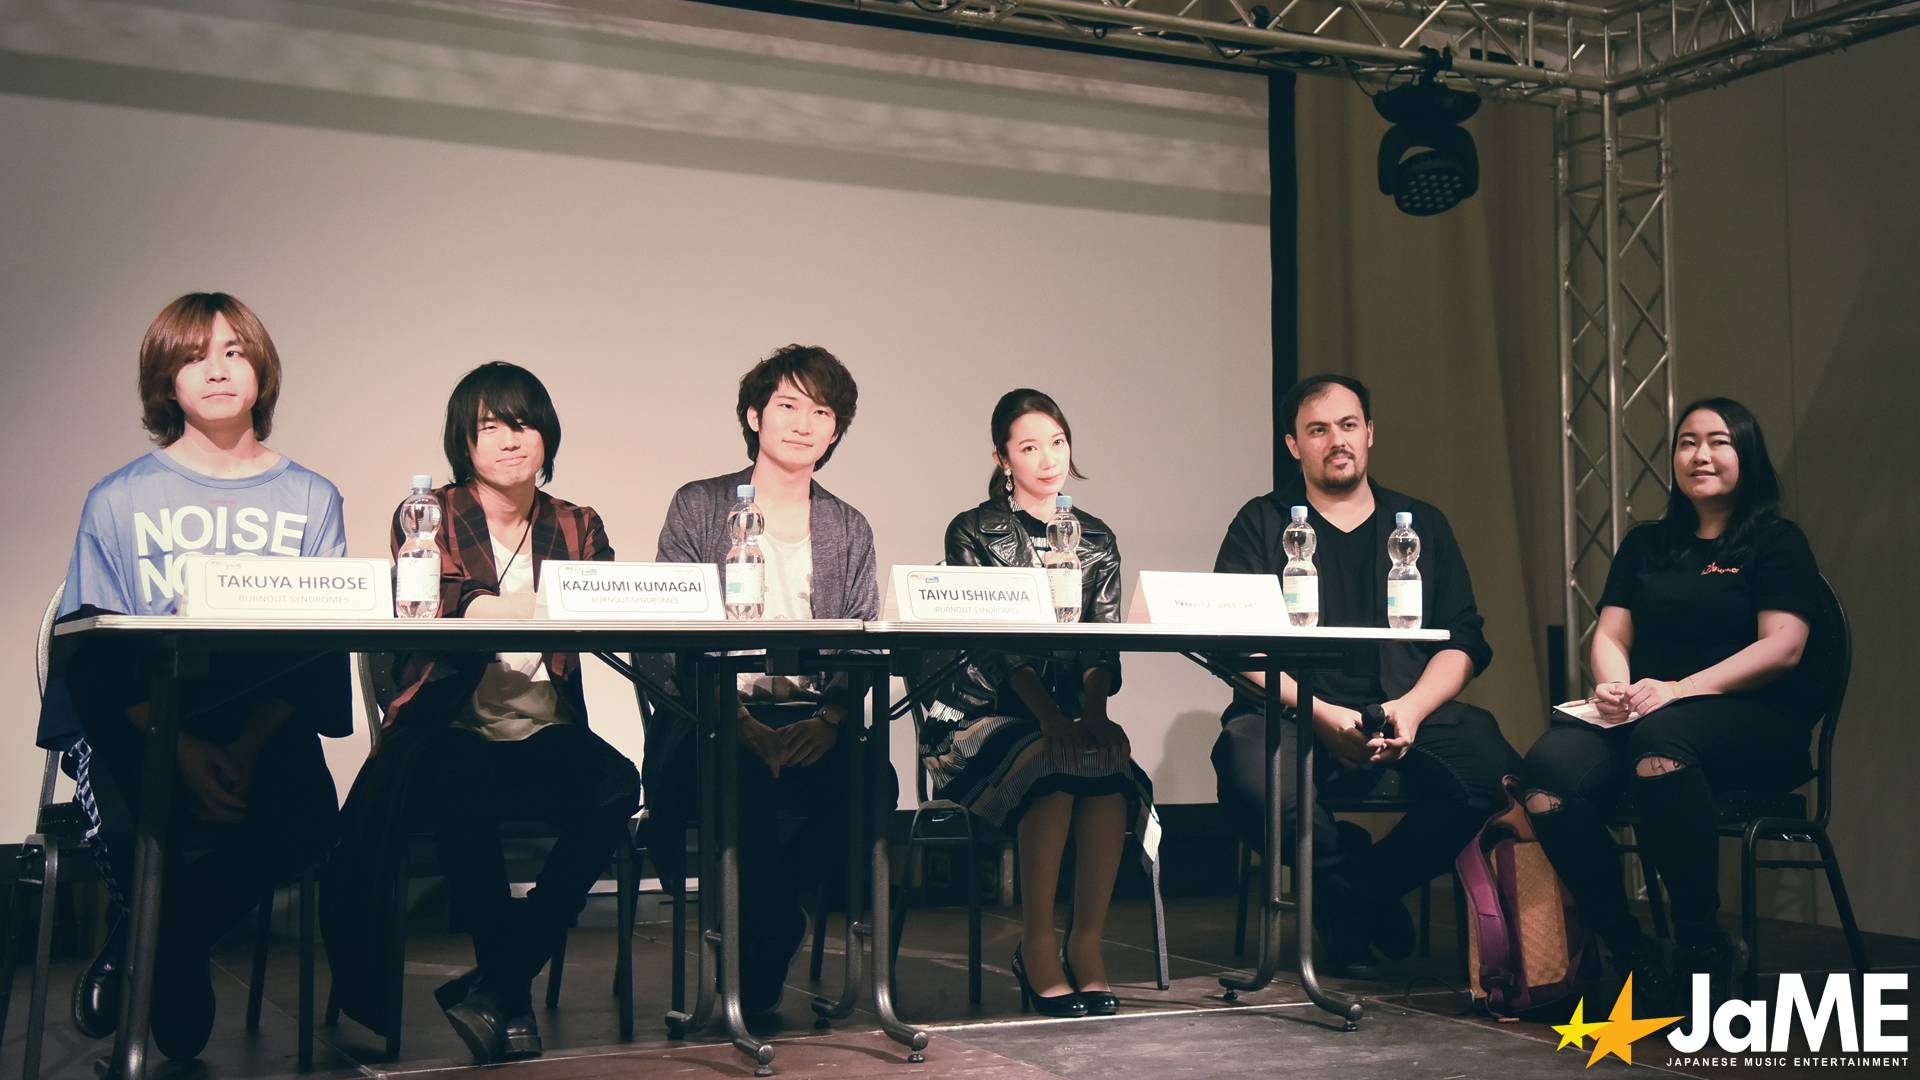 Frage-Antwort-Runde mit BURNOUT SYNDROMES und Sawai Miku